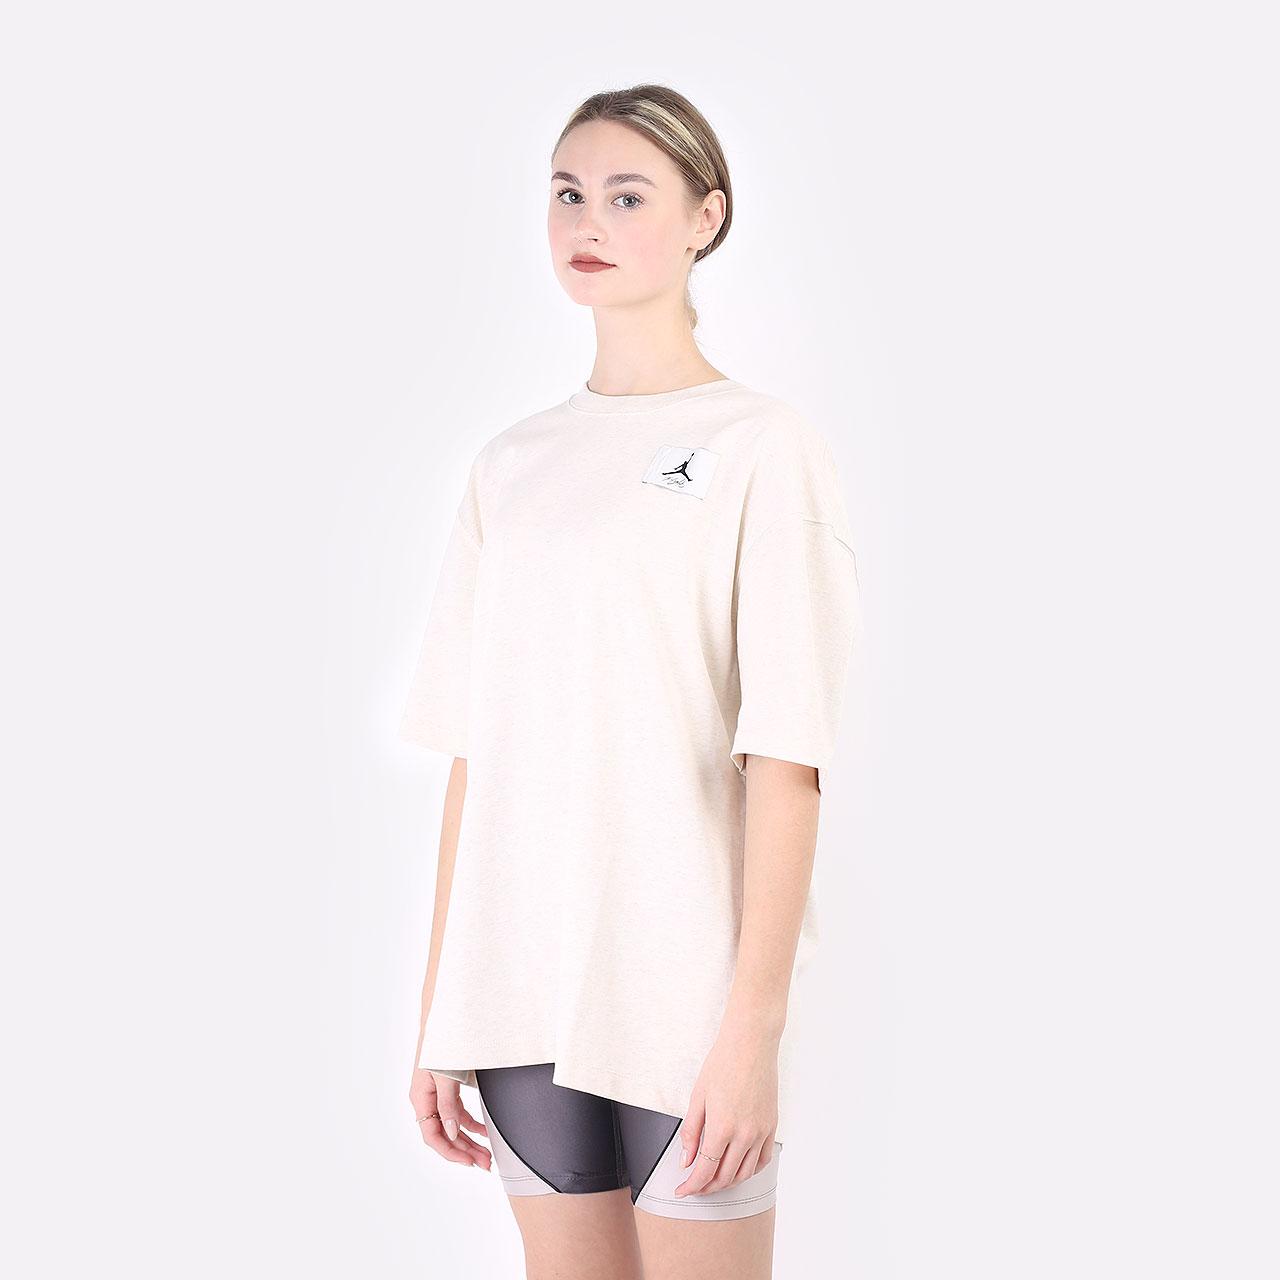 женская бежевая футболка Jordan Jordan Essentials DD7057-113 - цена, описание, фото 1